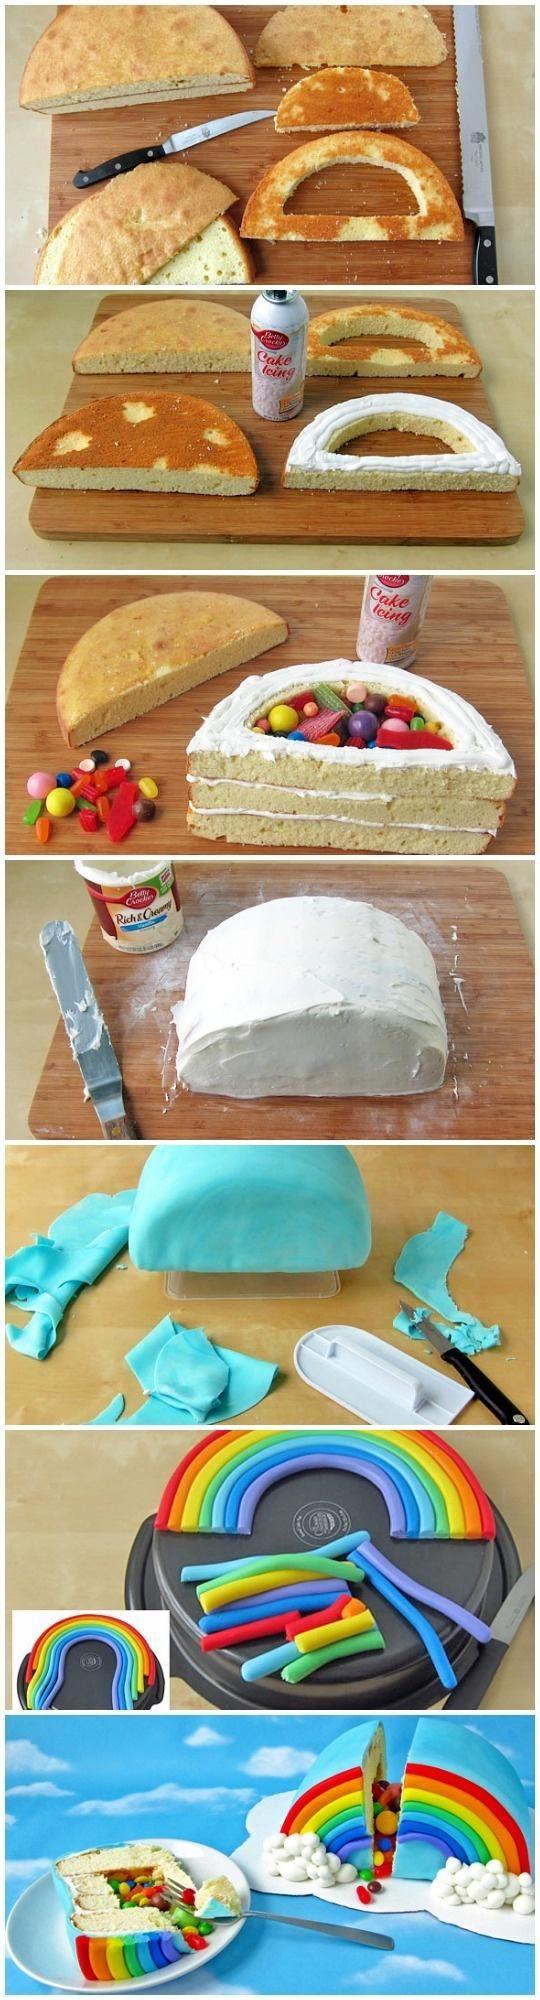 318 best cosas que me encantan en manualidades y bricolaje images on pinterest kitchen - Manualidades y bricolaje ...